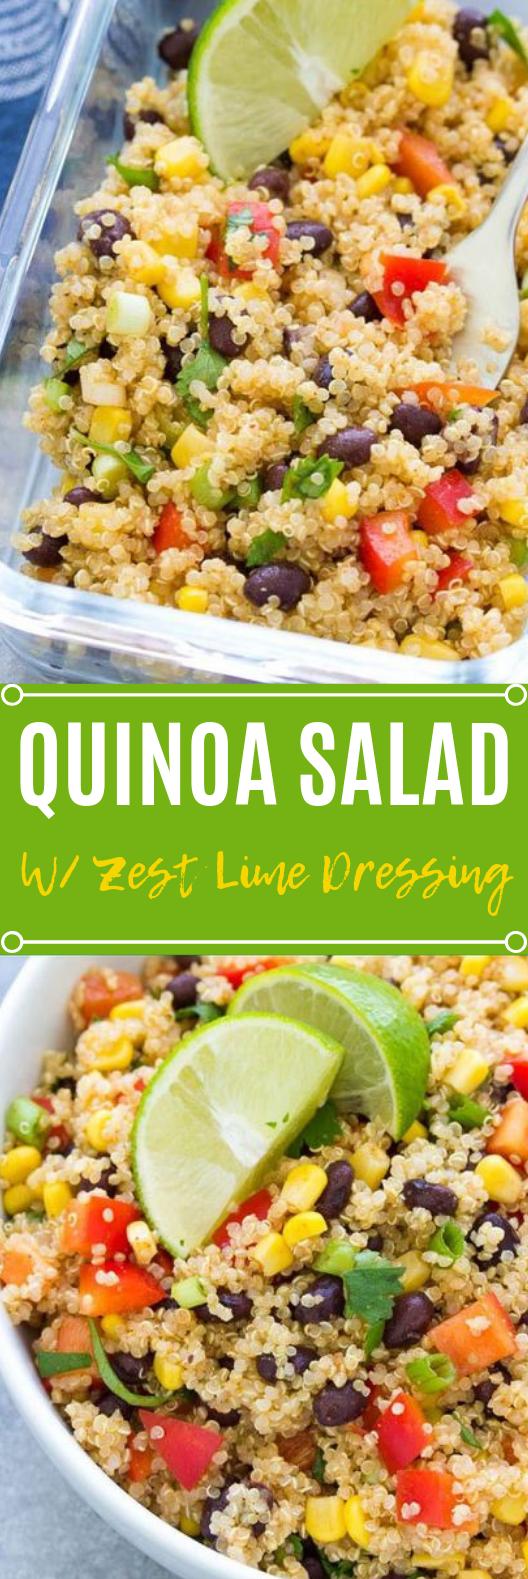 Southwest Quinoa Salad #vegansalad #quinoa